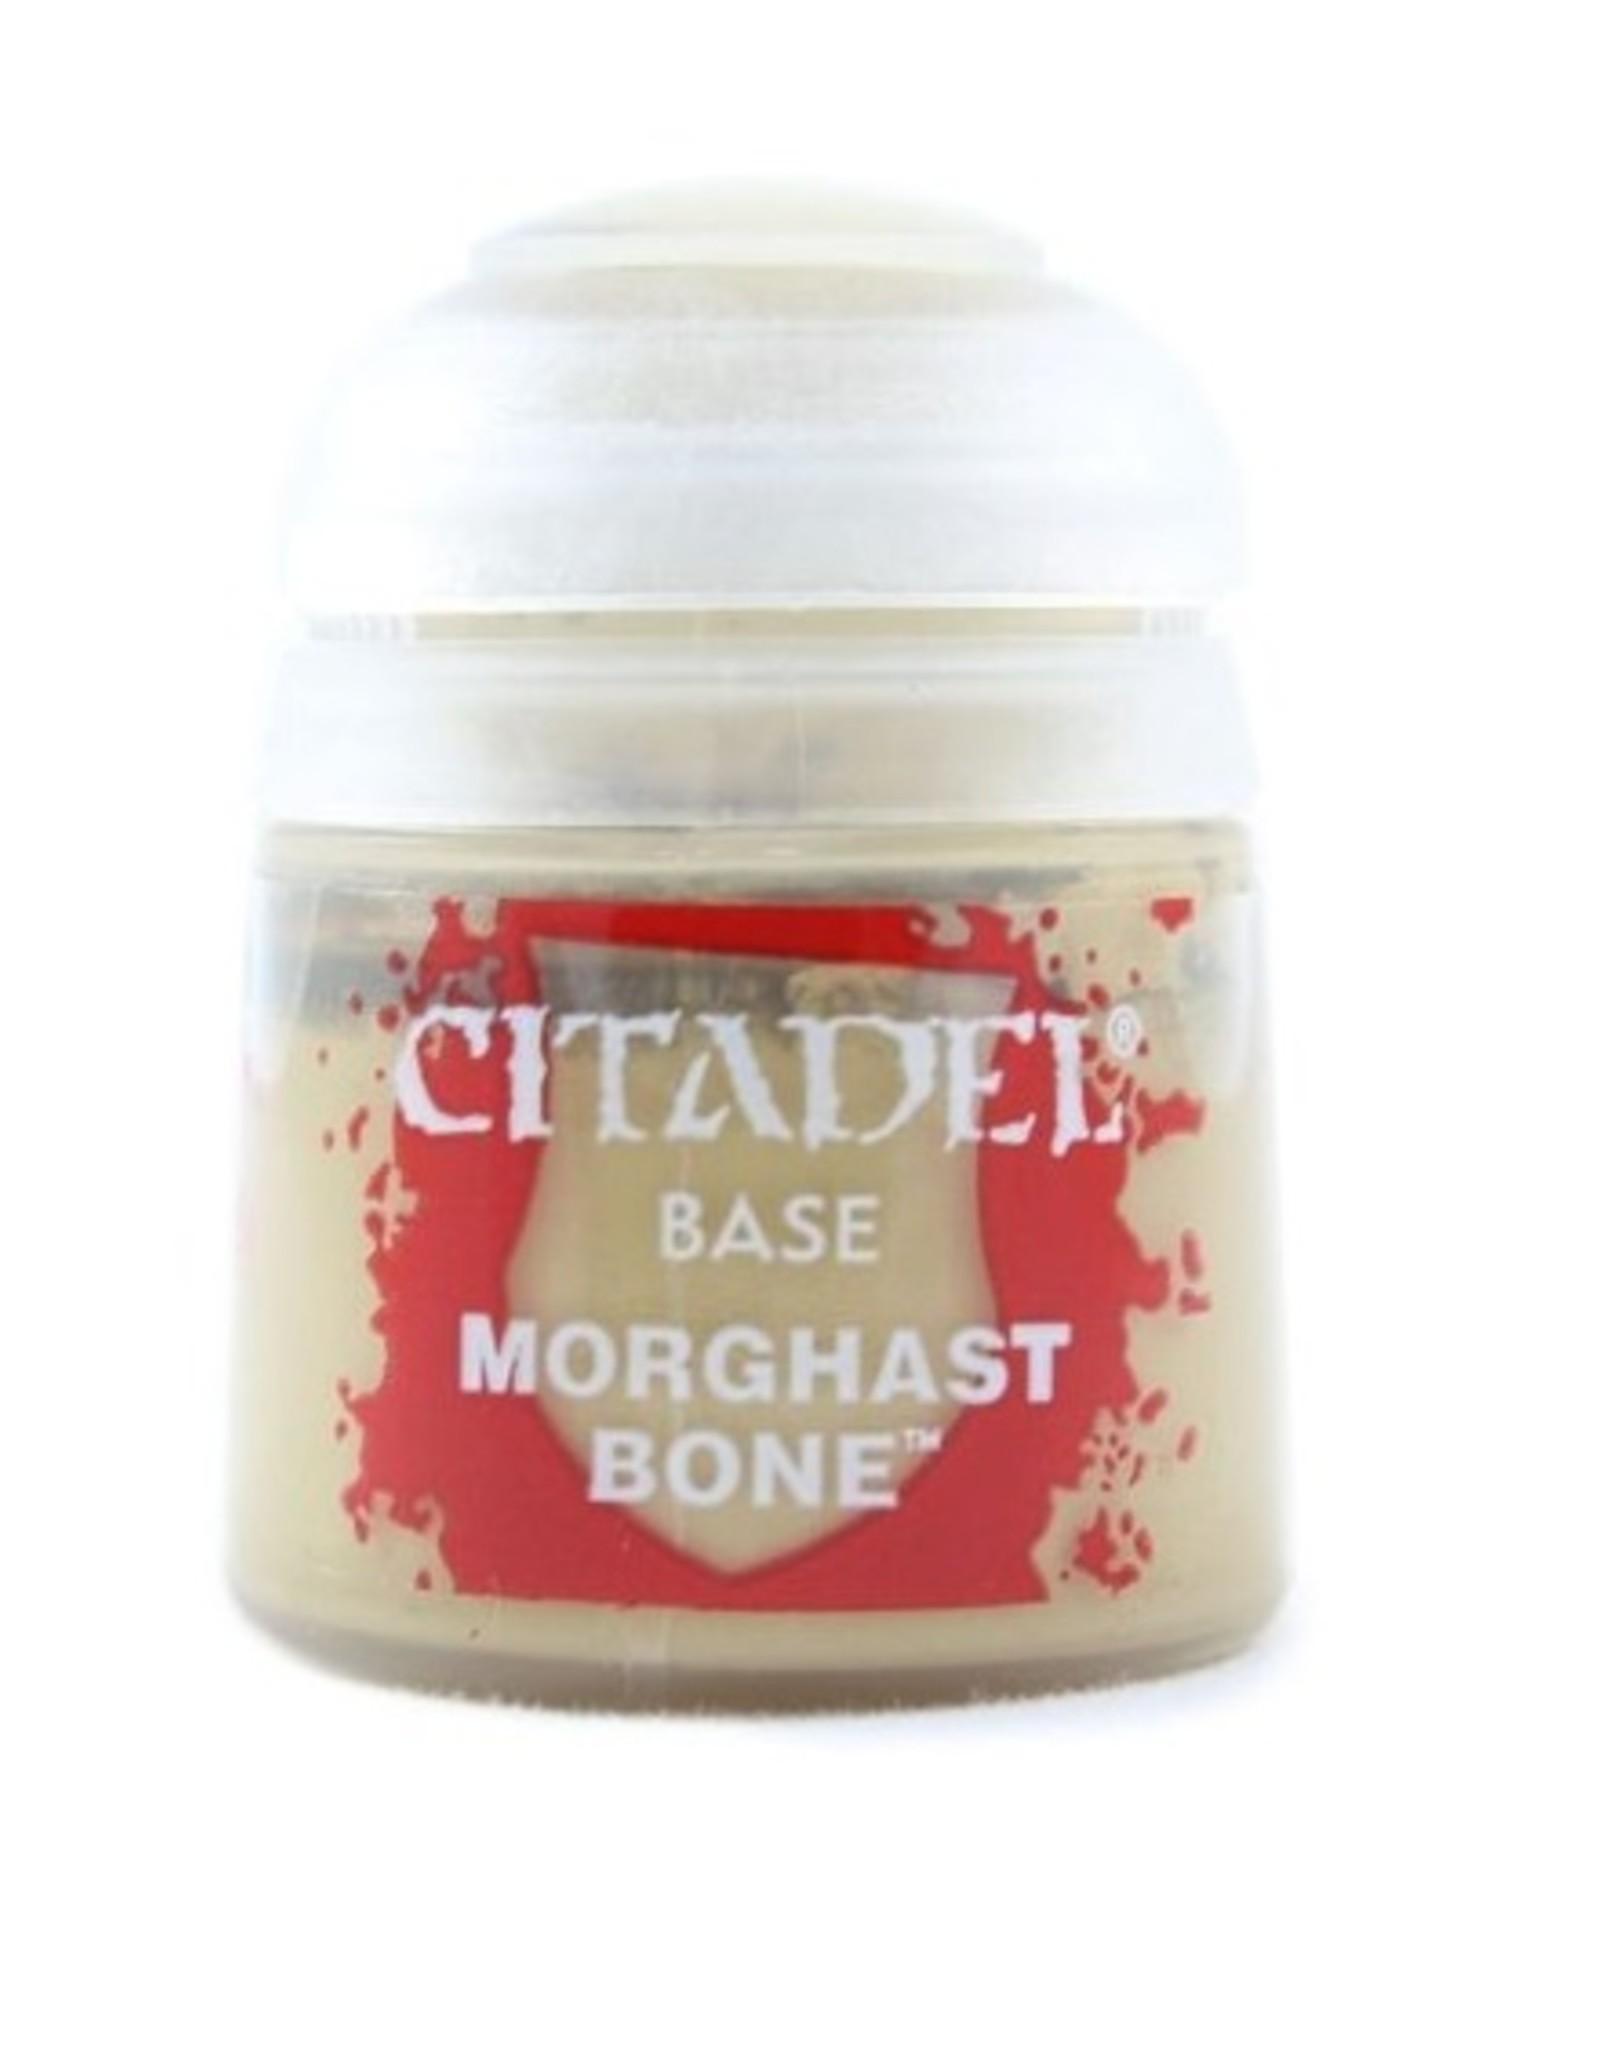 Citadel Citadel Base: Morghast Bone (12ml)